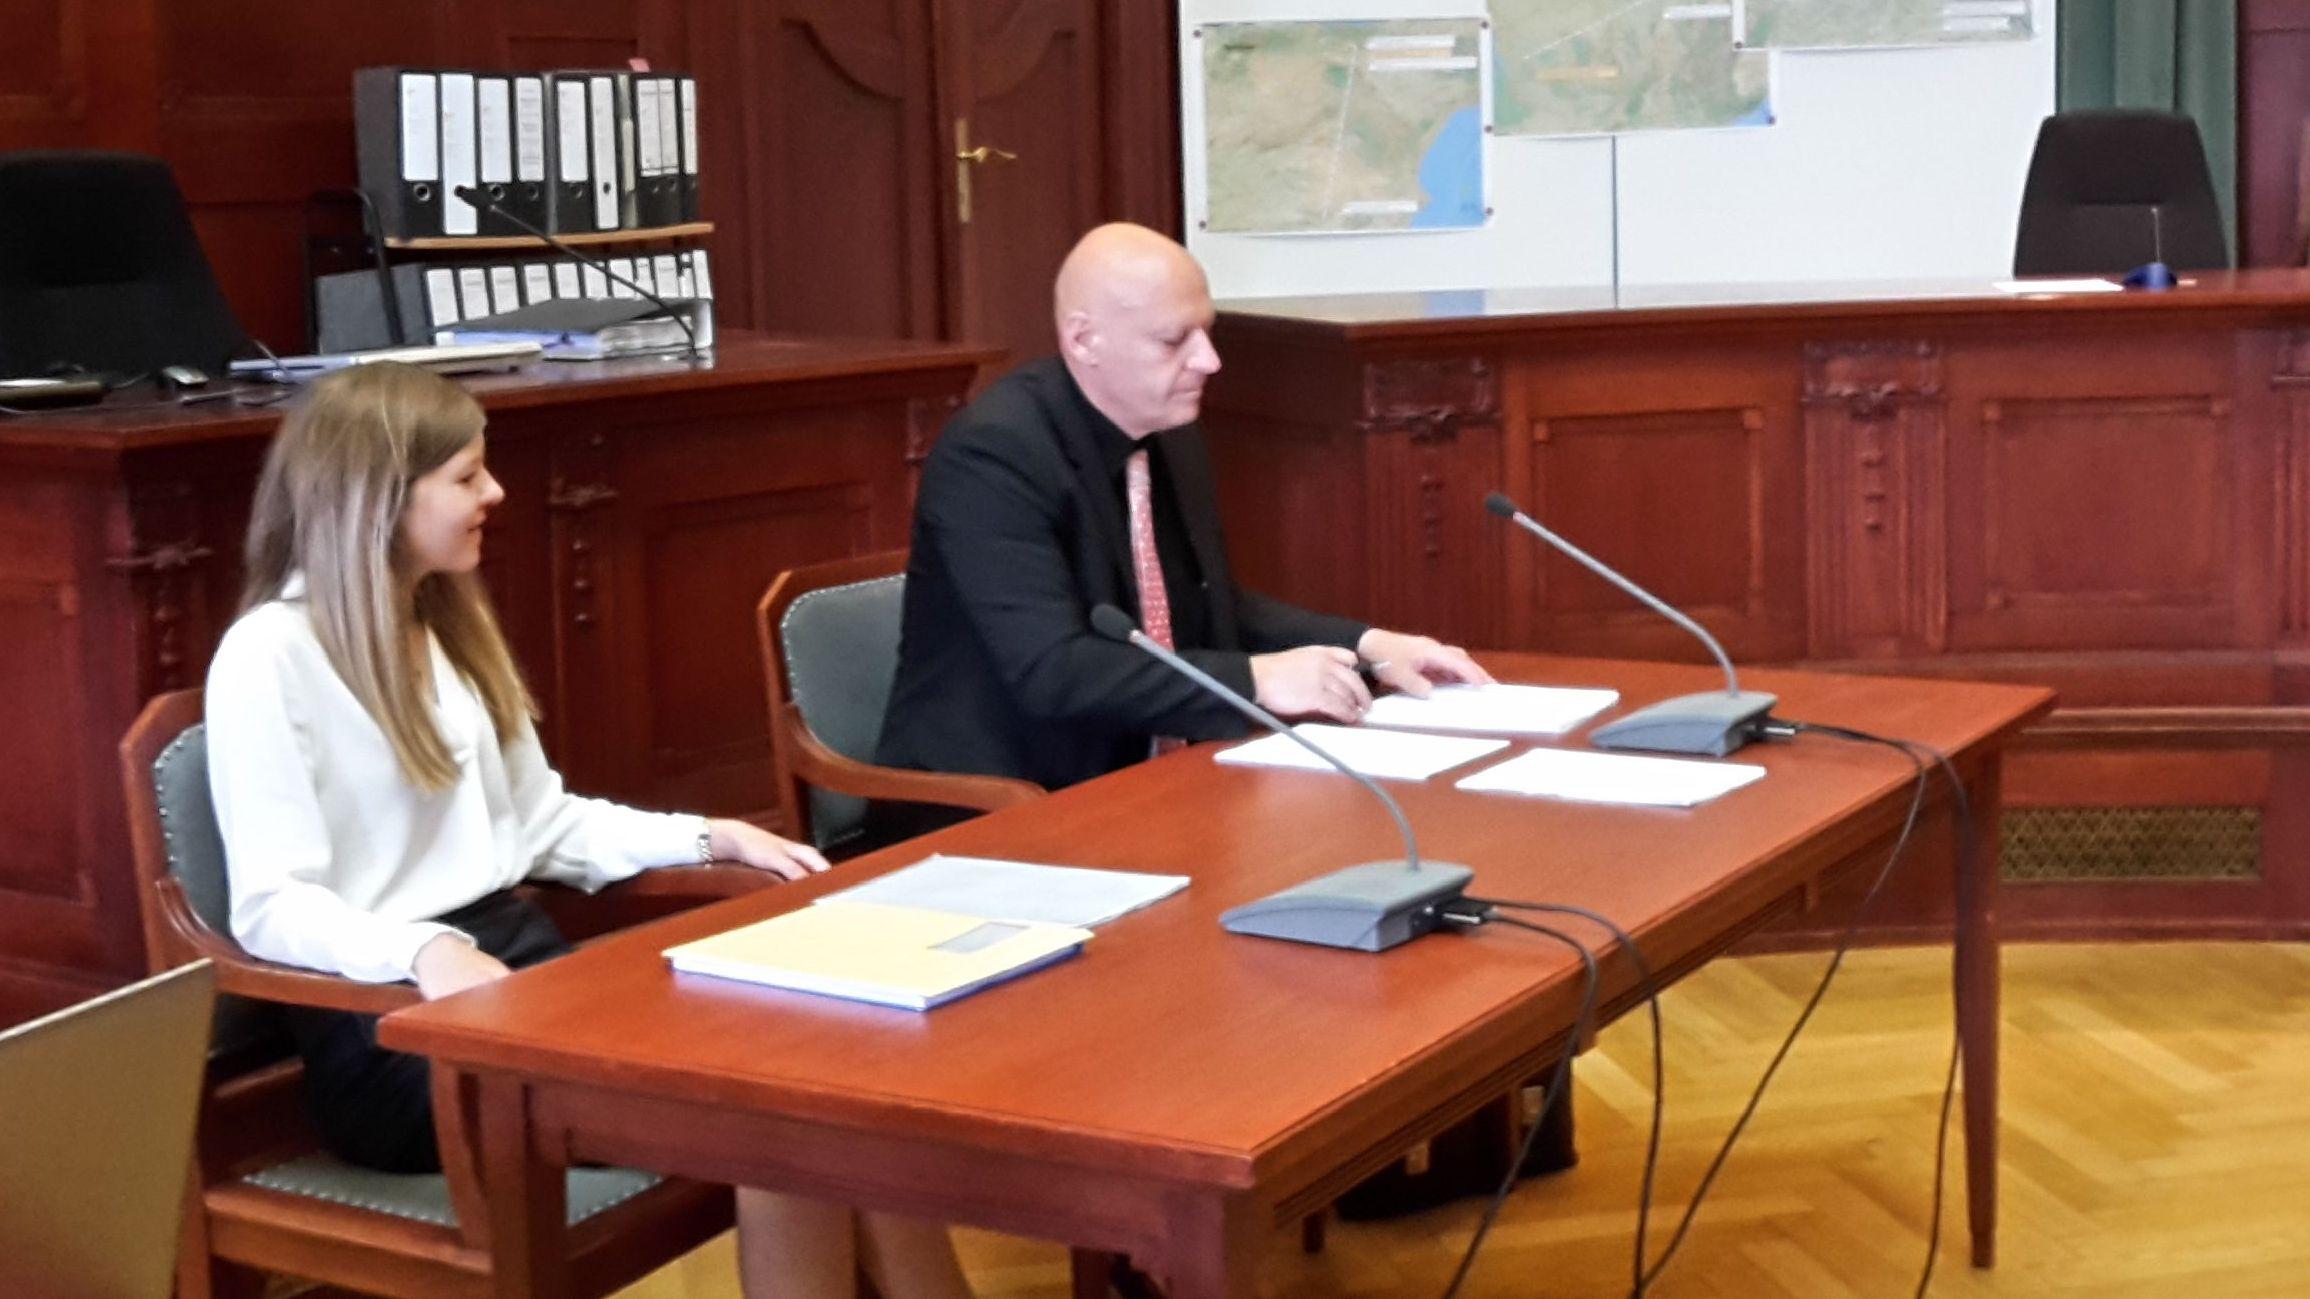 Zwei Gutachter sitzen im Landgericht Bayreuth an einem Tisch und stellen ihr Gutachten über den angeklagten Lkw-Fahrer vor, der die Tramperin Sophia Lösche ermordet haben soll.